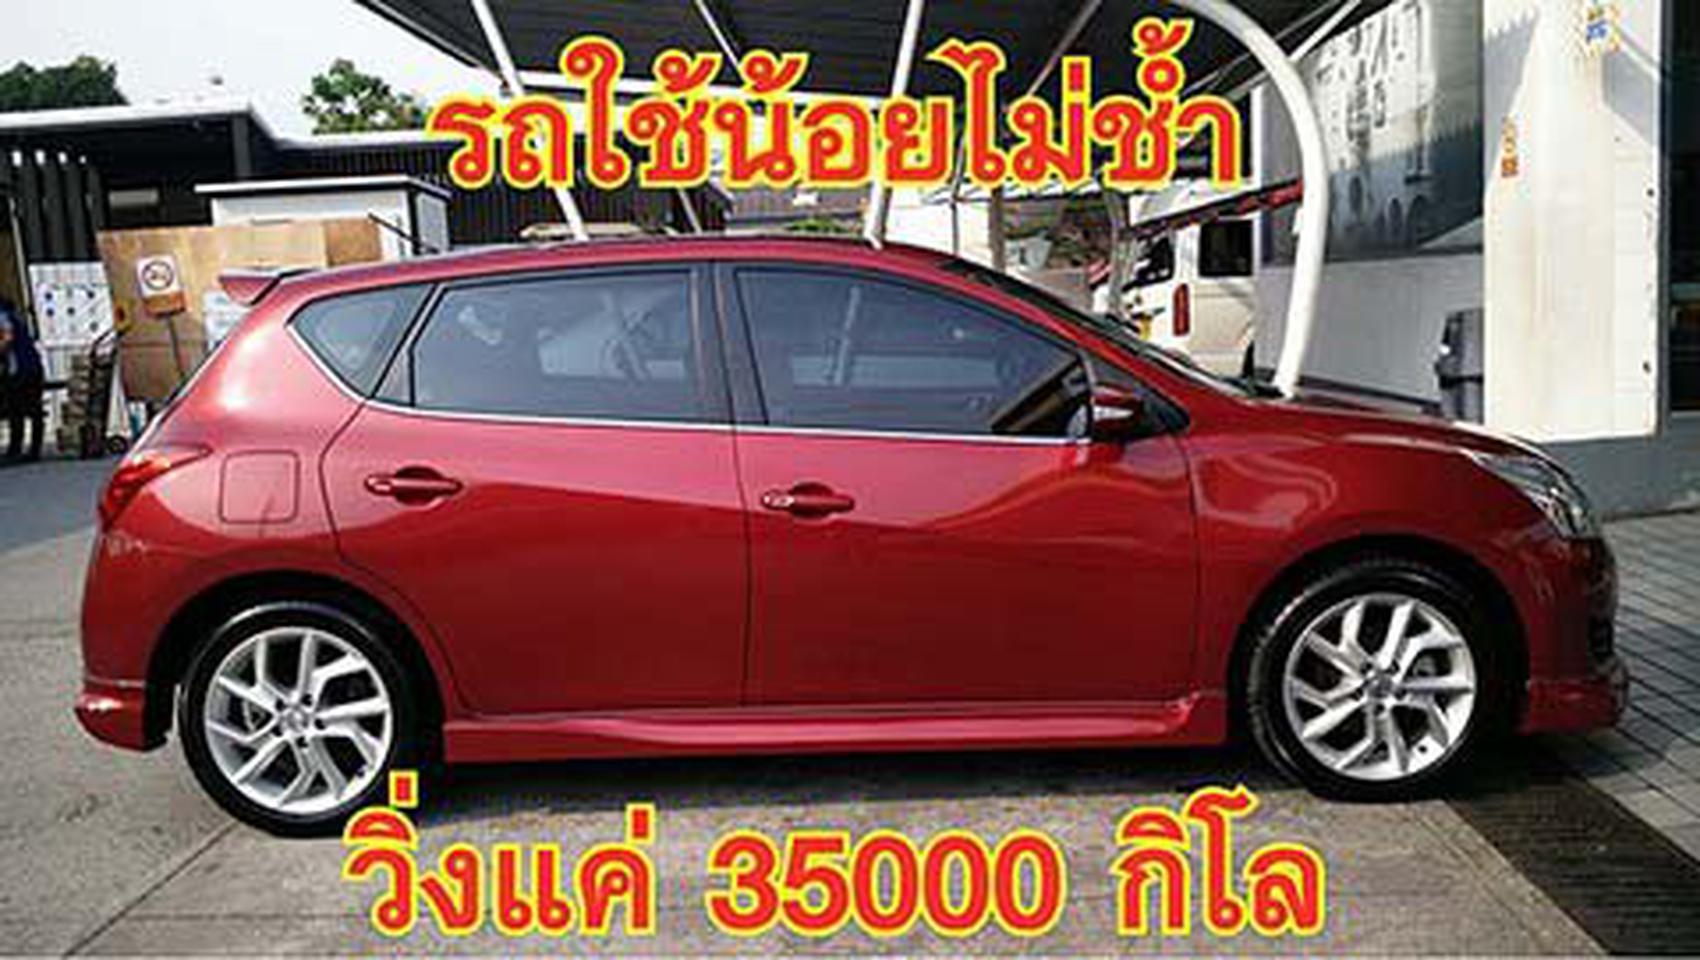 จ่ายแค่ห้าแสนนิดๆได้รถเกือบล้าน NISSAN PULSAR 1.8V Sunroof Navi รูปที่ 6